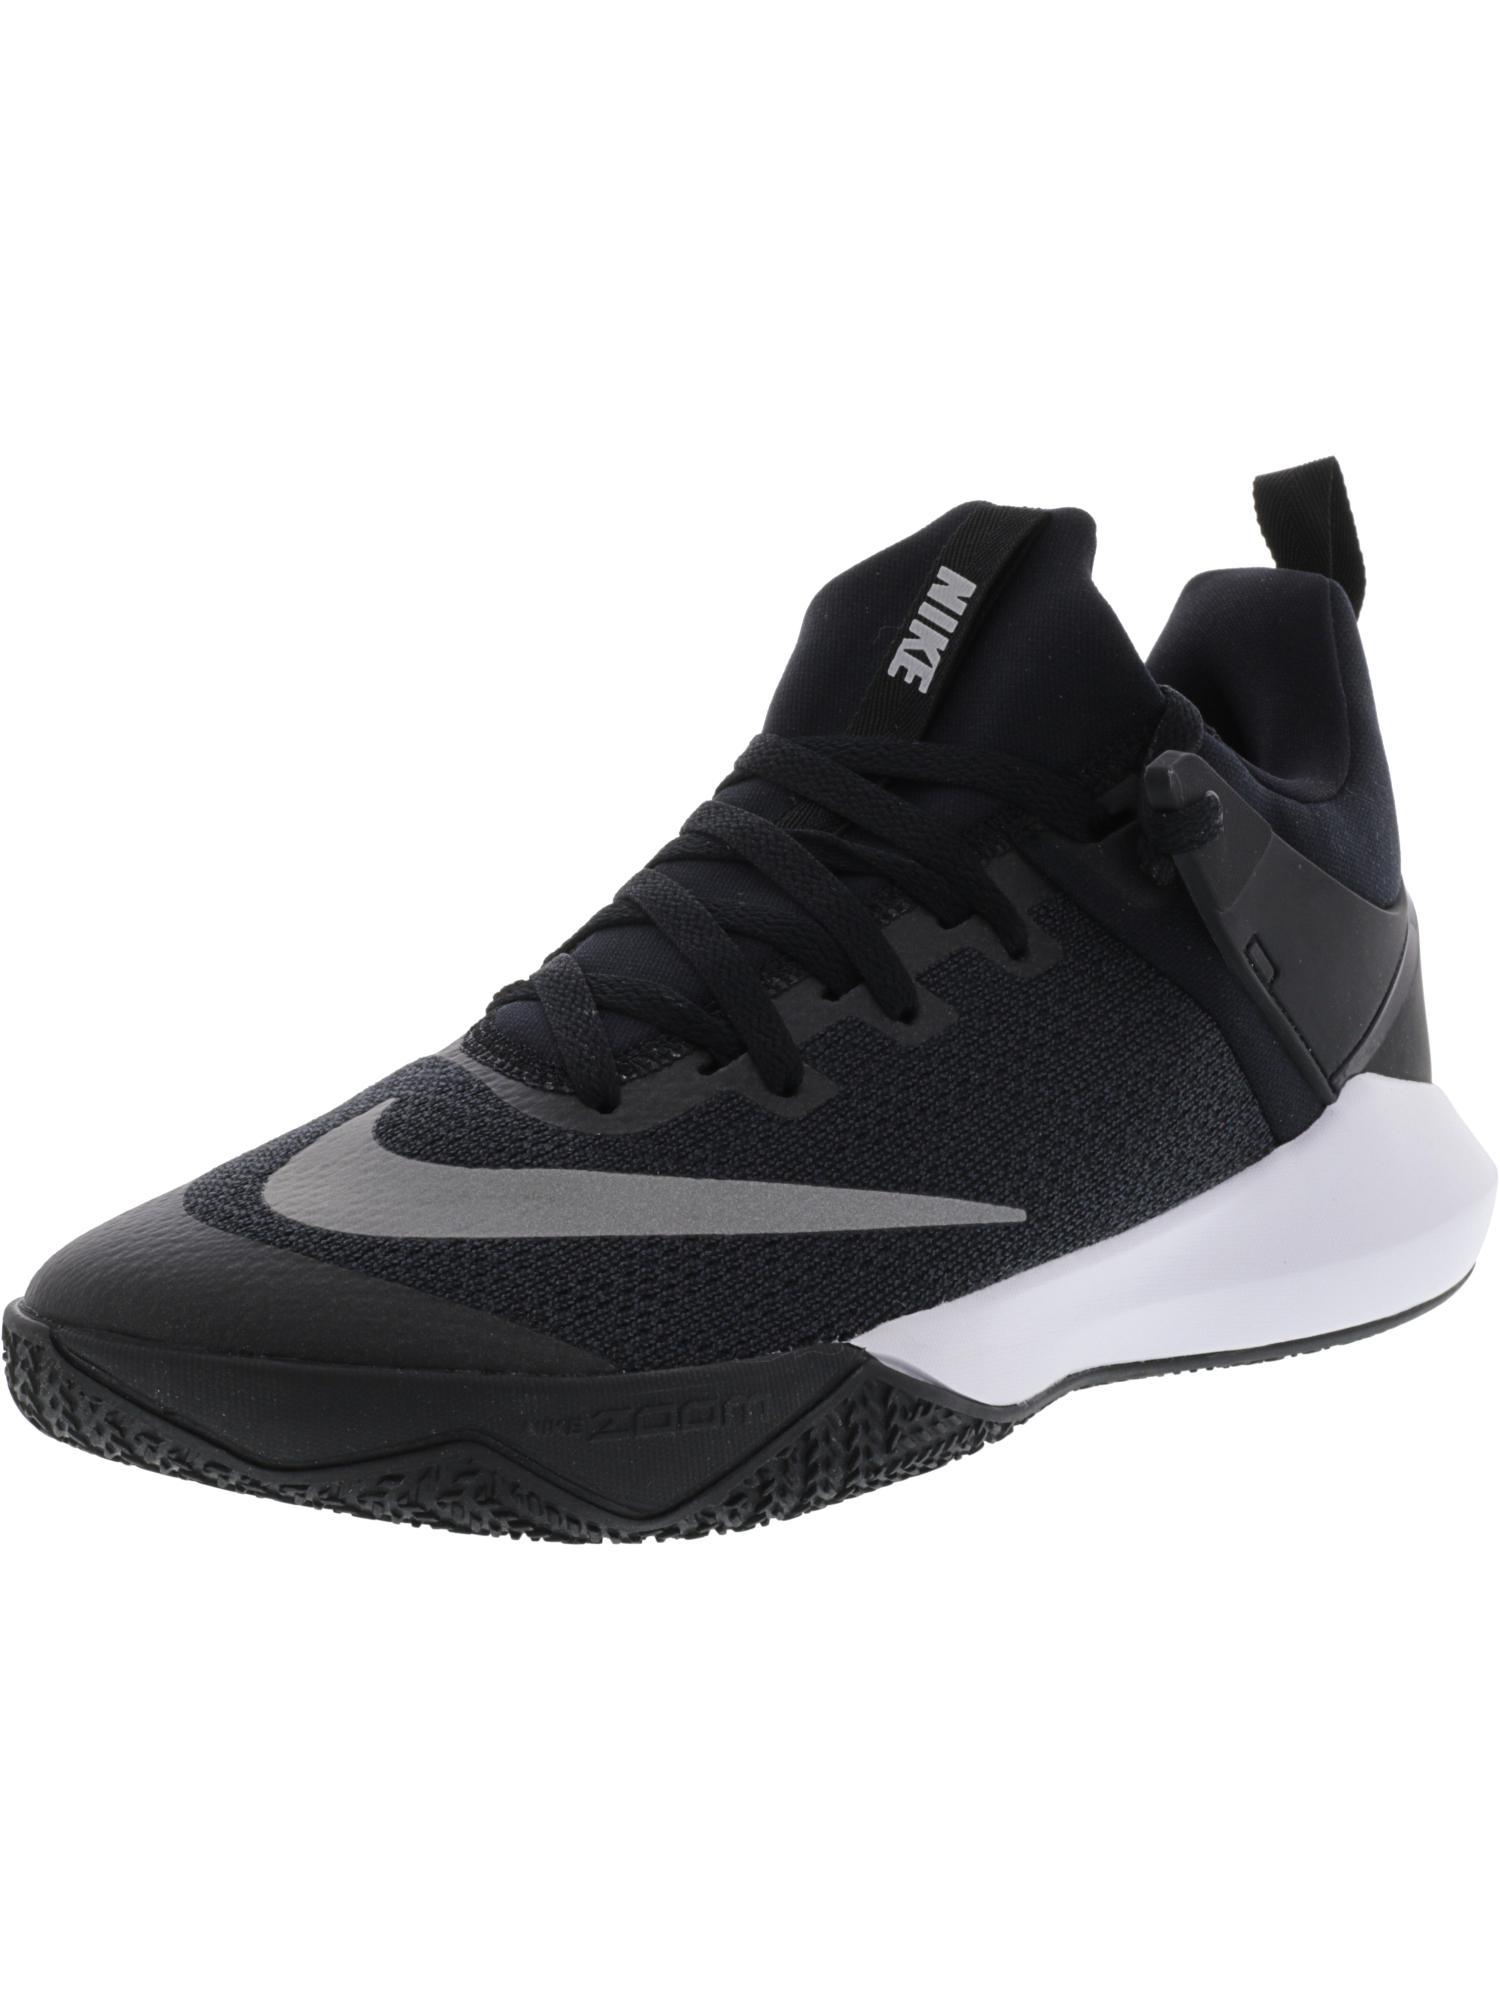 21e693a826e6 Men s Nike Zoom Shift TB Basketball Shoe Size 10.5